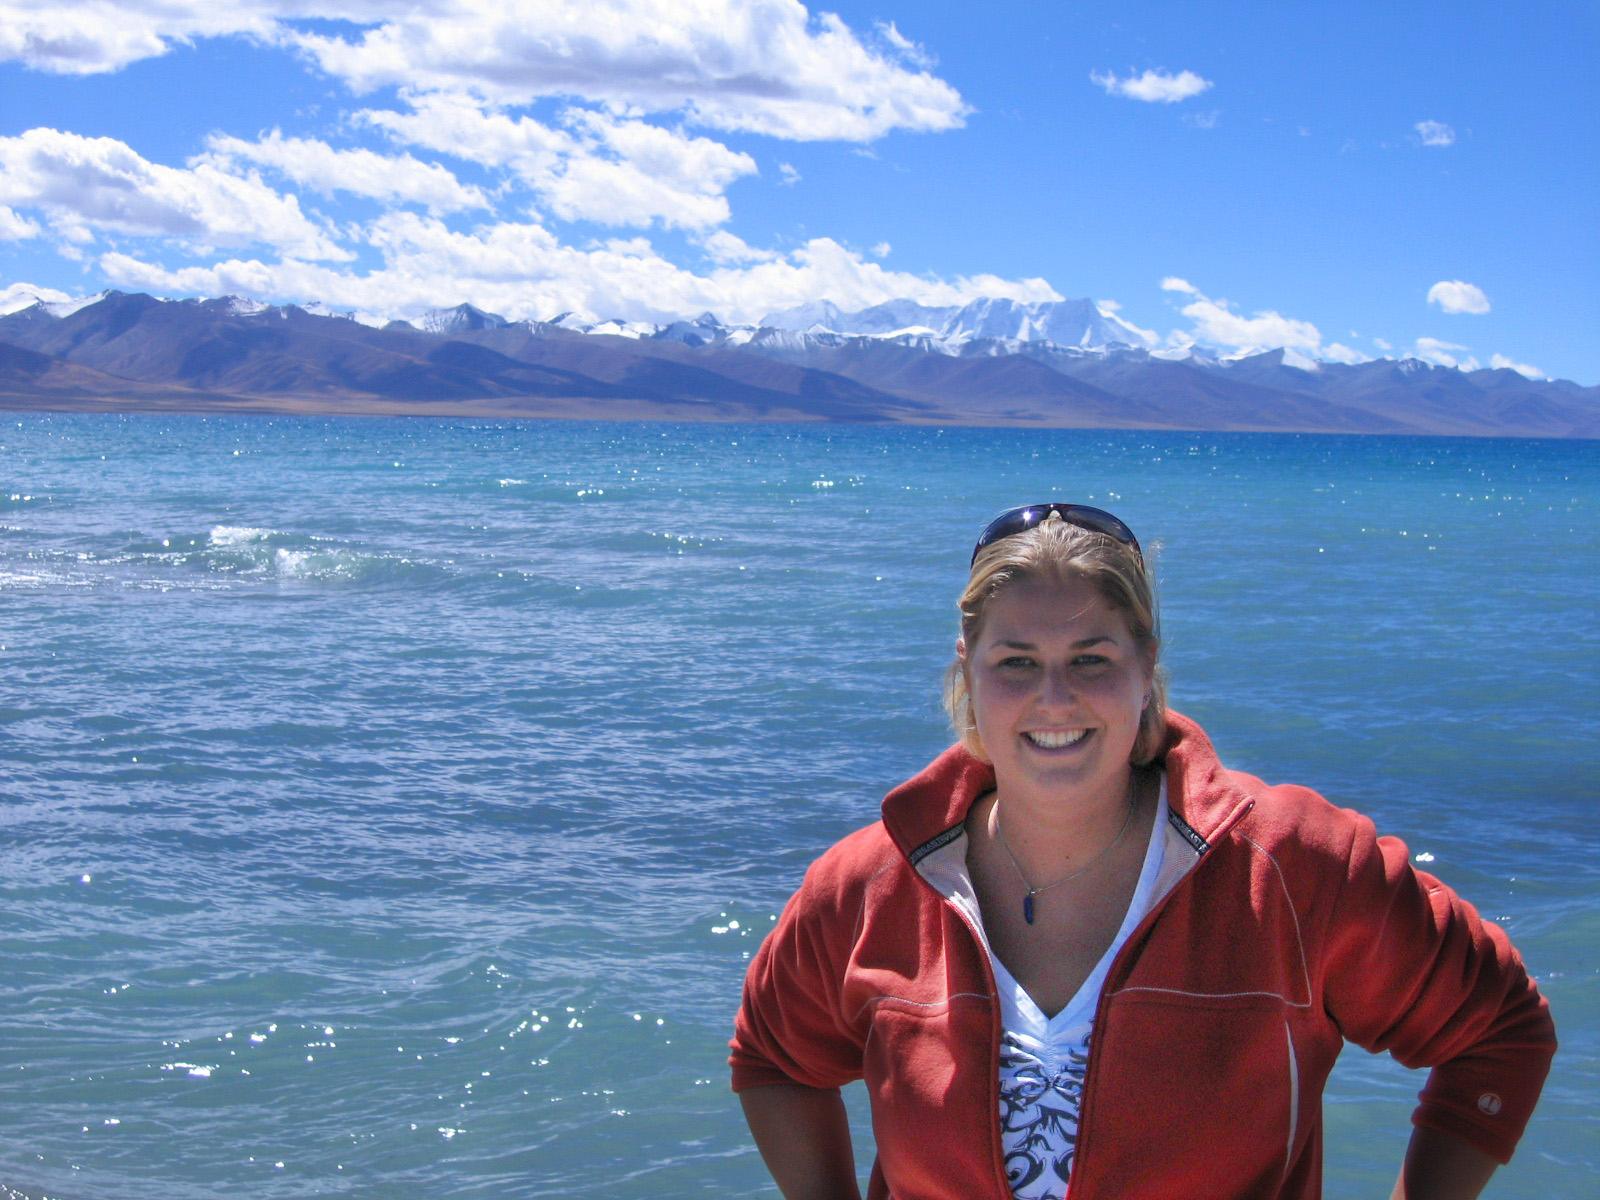 7 days in Tibet, visit Lake Namtso